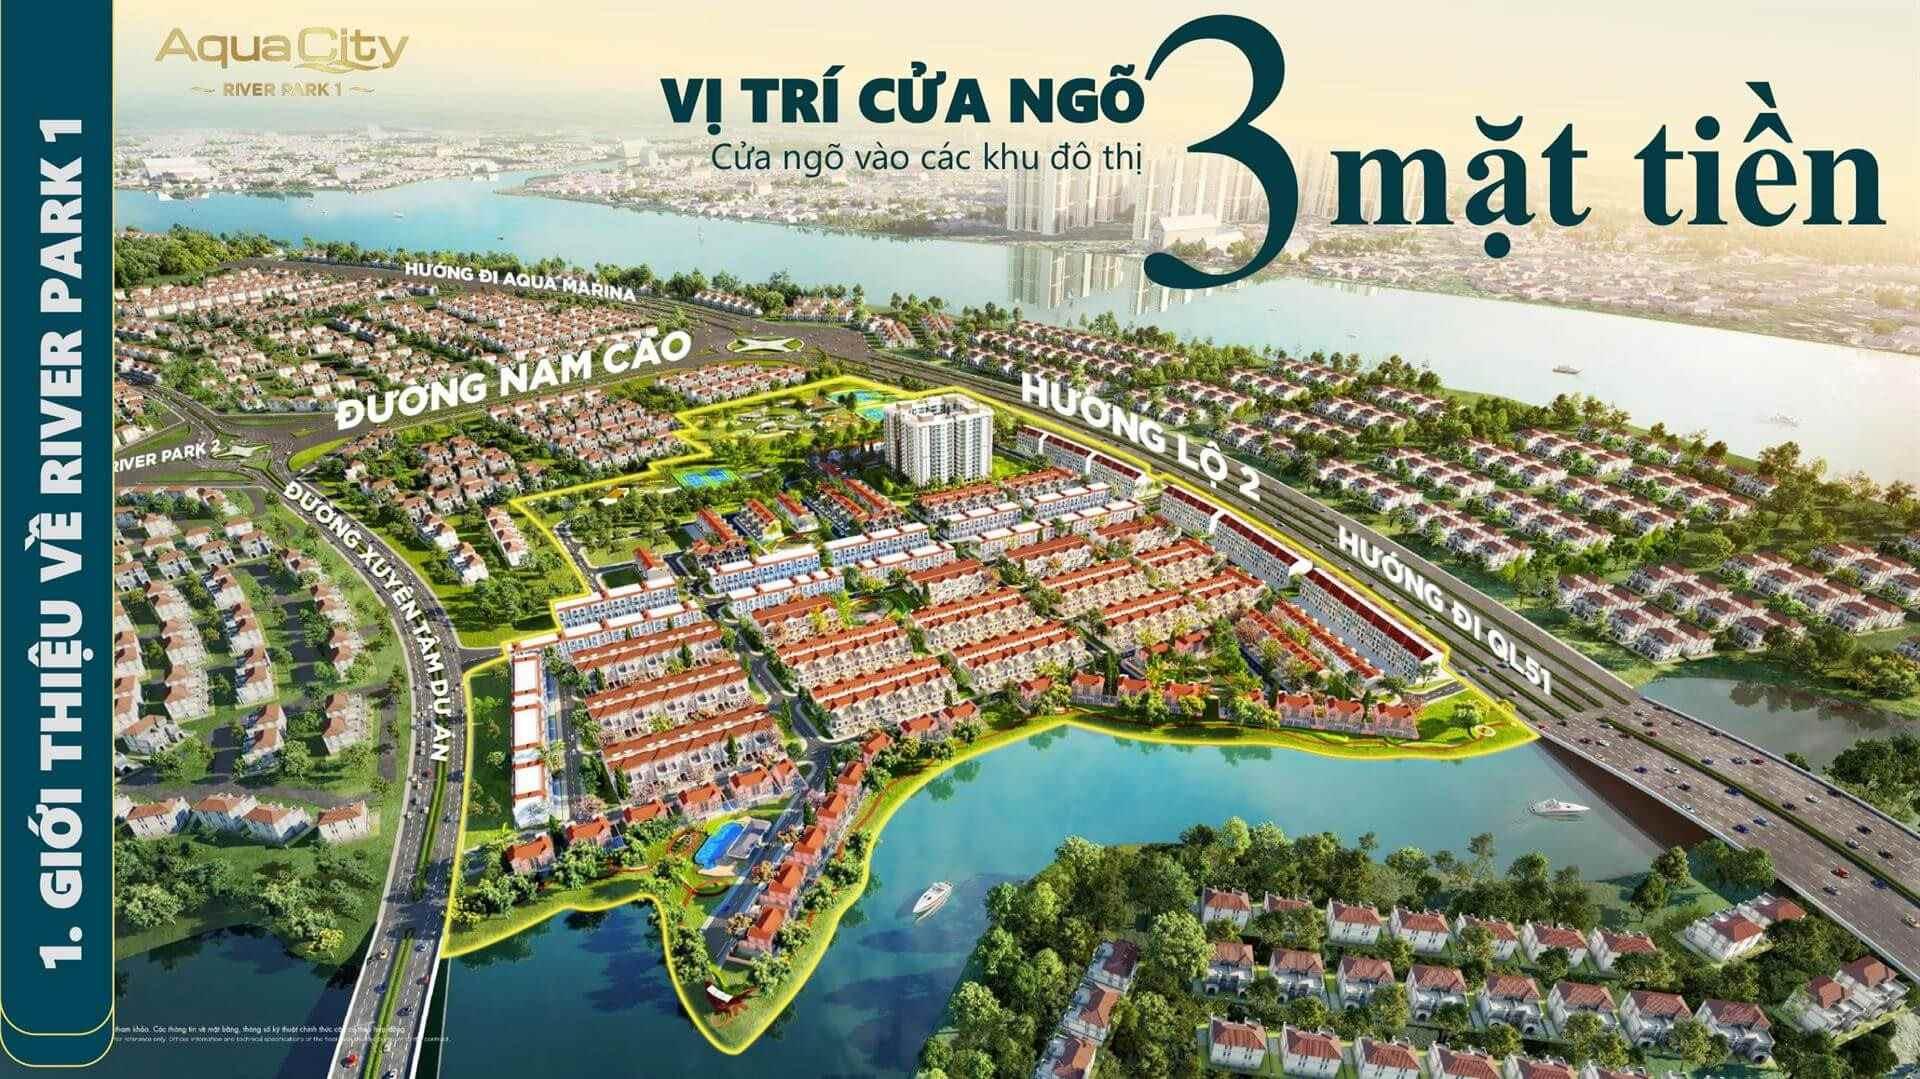 Phan-Khu-River-Park-1-la-vi-tri-cua-ngo-3-mat-tien-du-an-Aqua-City-Dong-Nai-Novaland